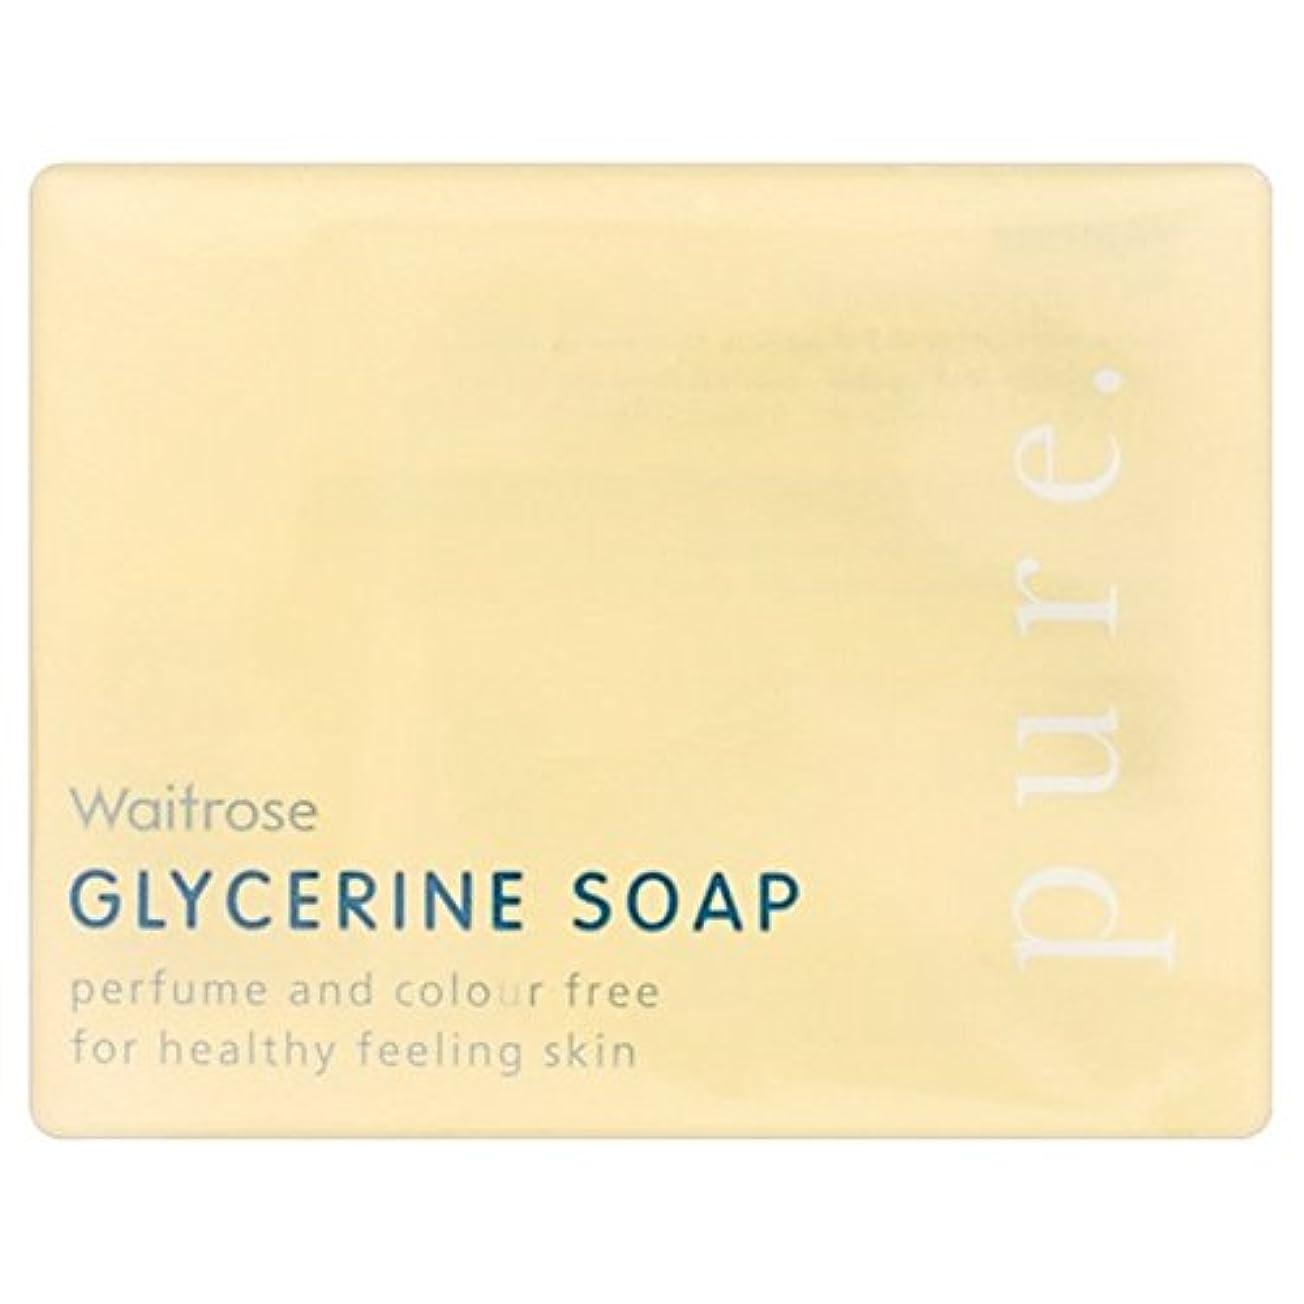 グレートオークミスペンドコマンドPure Glycerine Soap Waitrose 100g (Pack of 6) - 純粋なグリセリンソープウェイトローズの100グラム x6 [並行輸入品]